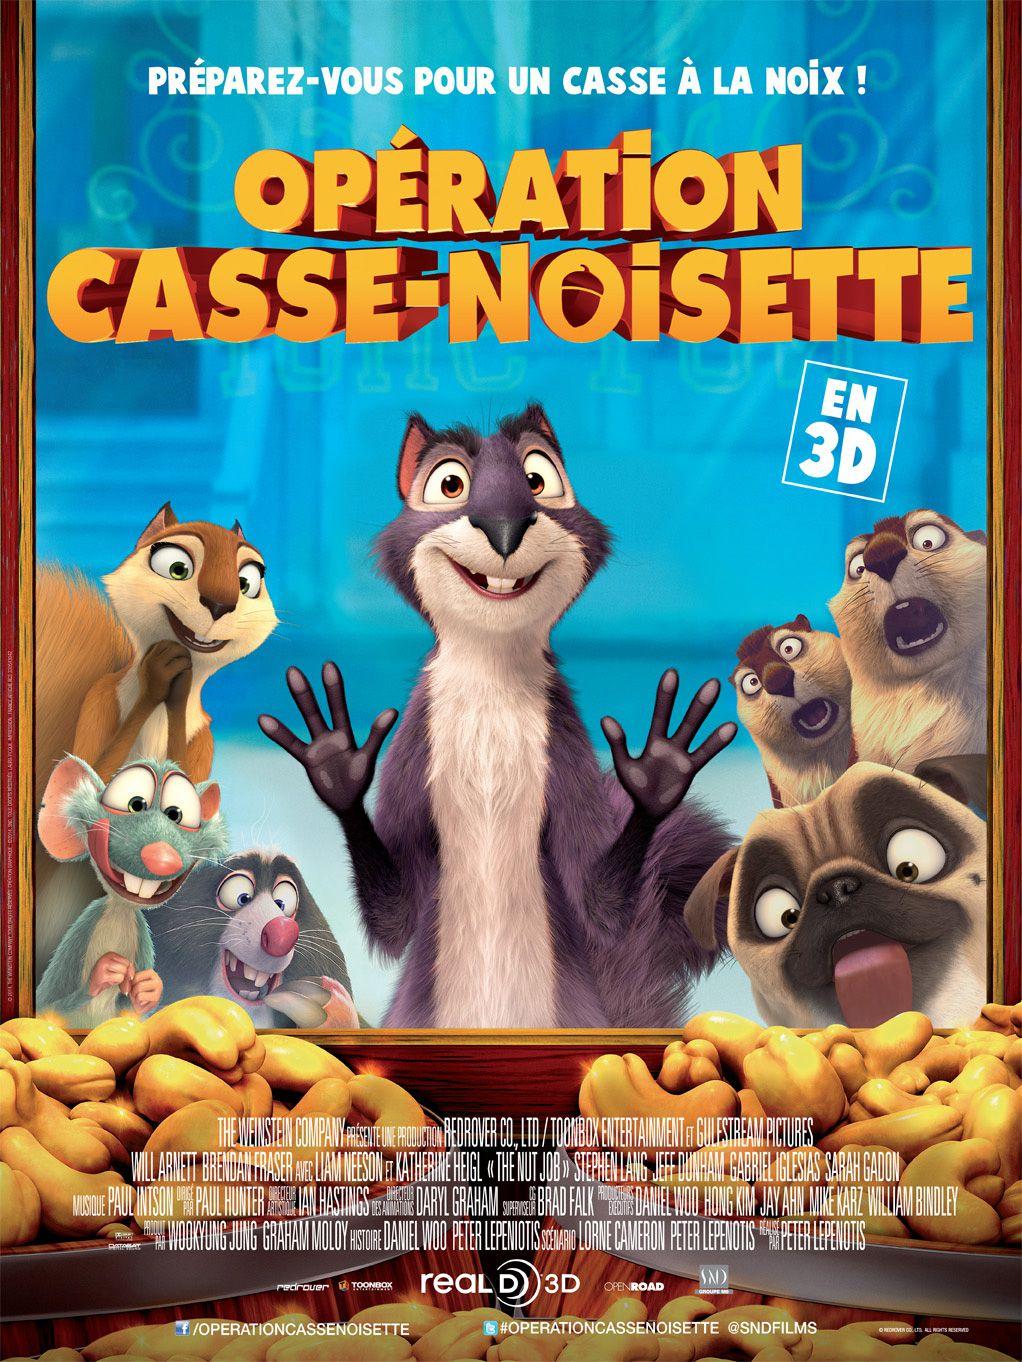 Opération Casse-noisette - Long-métrage d'animation (2014)